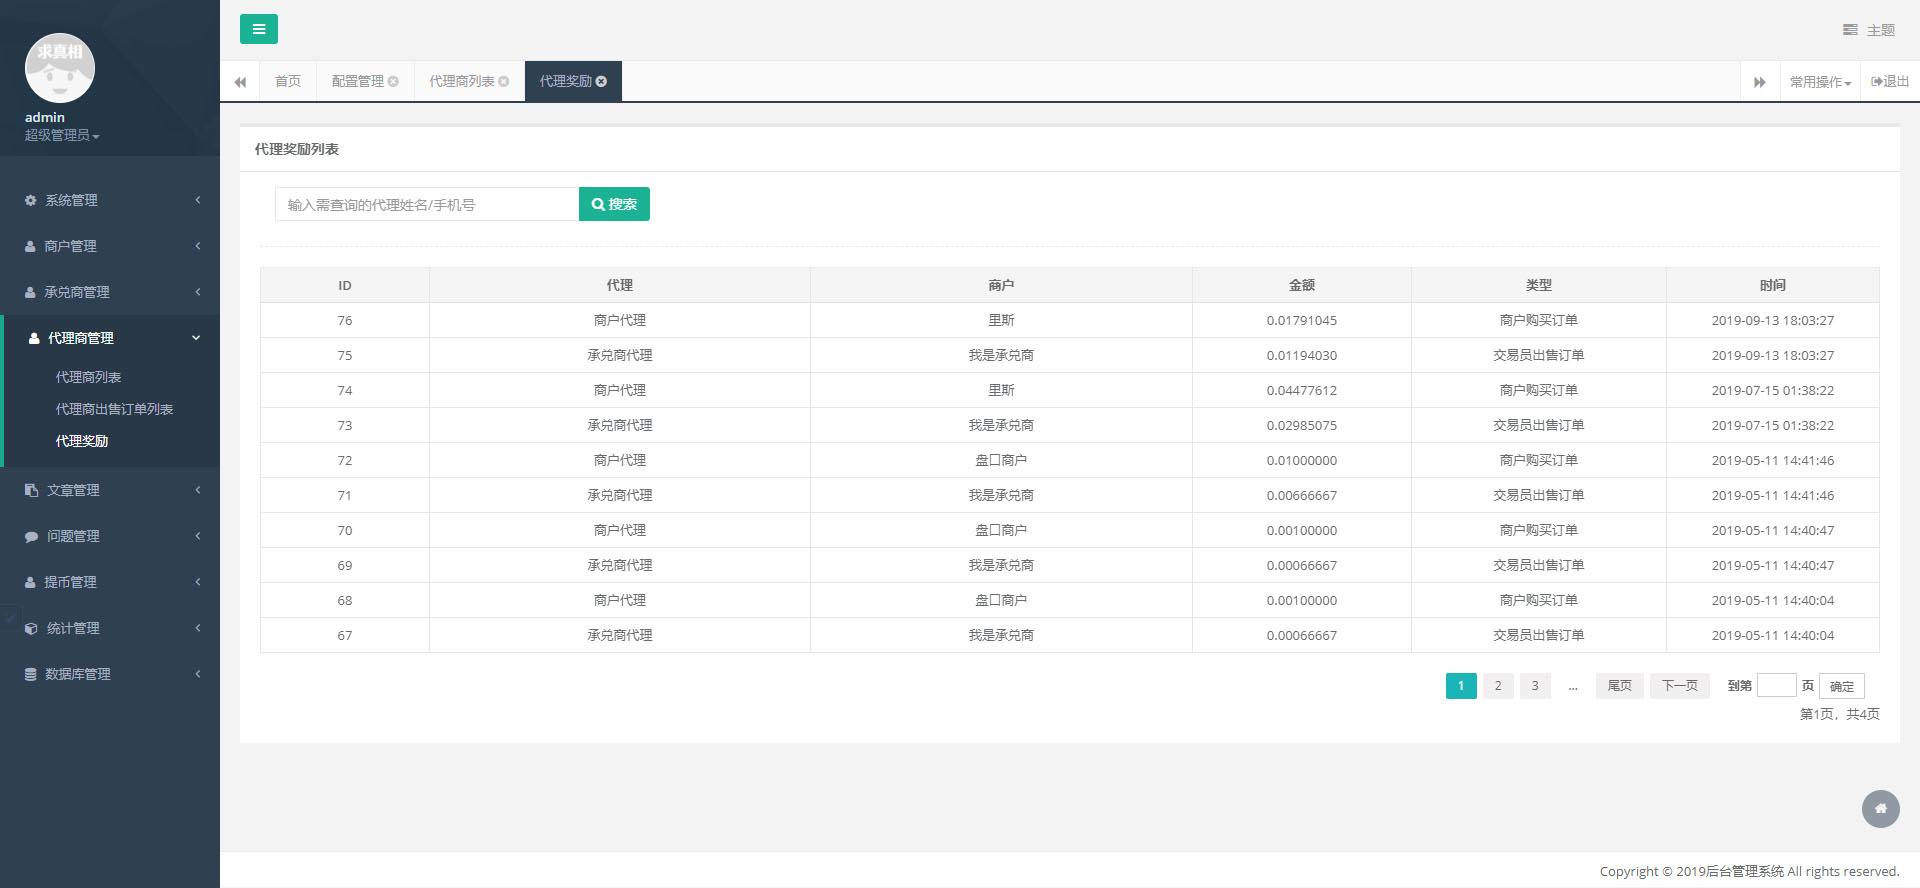 「亲测」星火支付源码/USDT承兑系统/支持ERC20 OMNI/代理商/USDT场外OTC/数字货币-图6